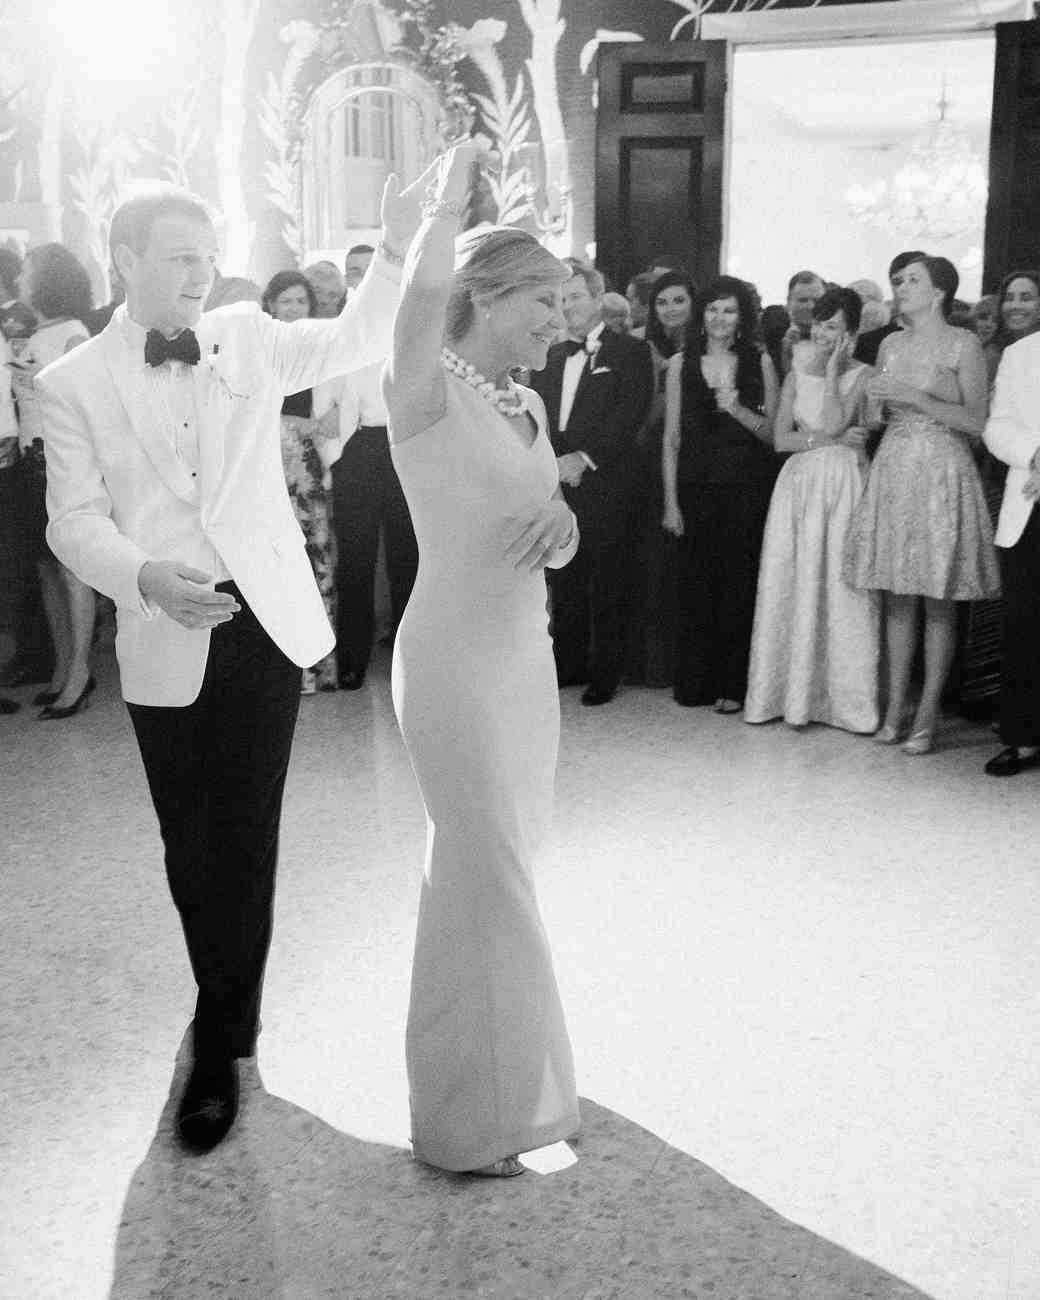 kelsey-casey-wedding-bahamas-dance-0243-1569-s112804.jpg